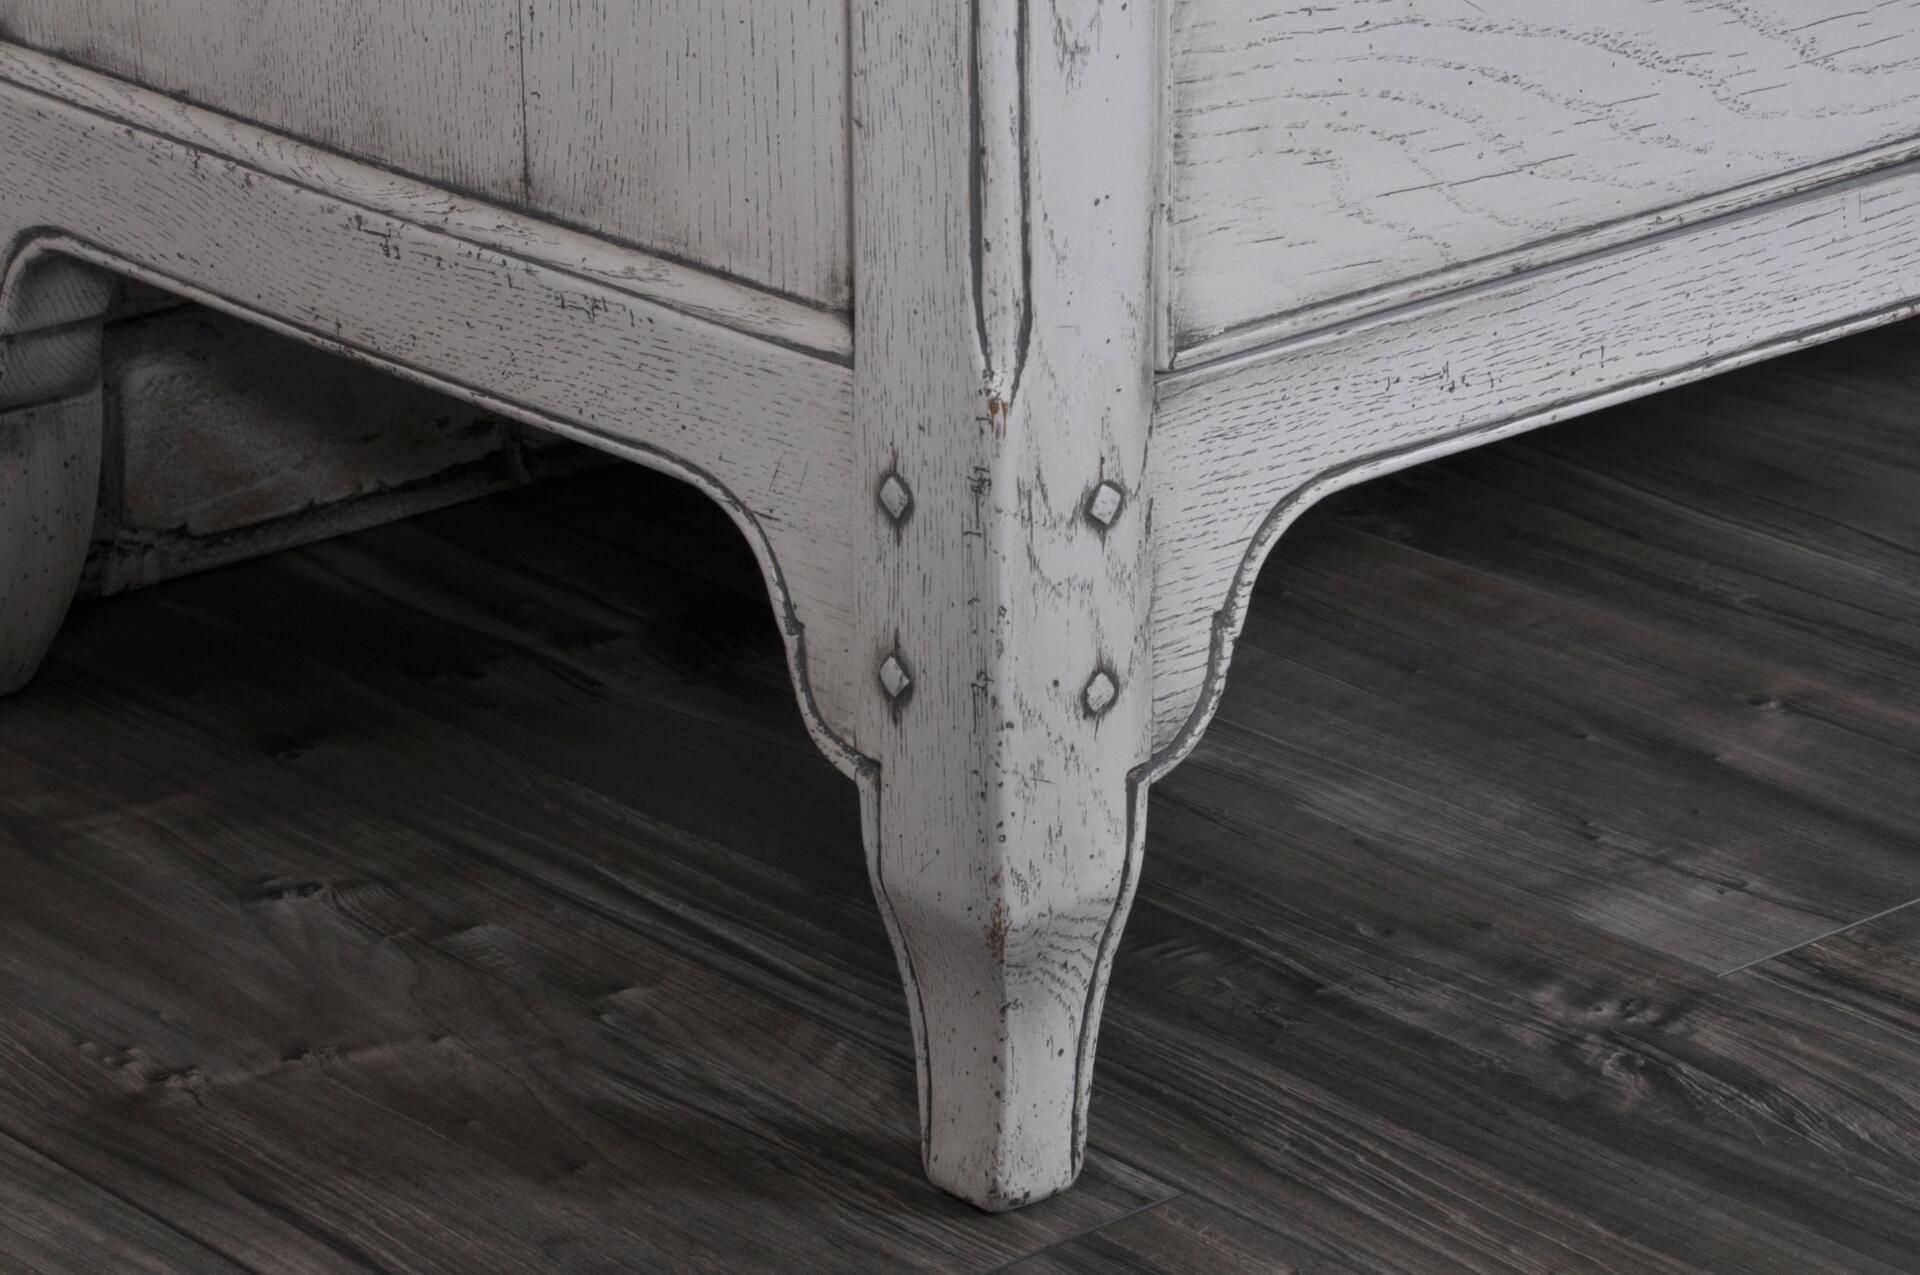 lussuosa riproduzione comò provenzale su misura di costruzione made in Italy fatto a mano in legno pregiato di rovere massello laccato bianco